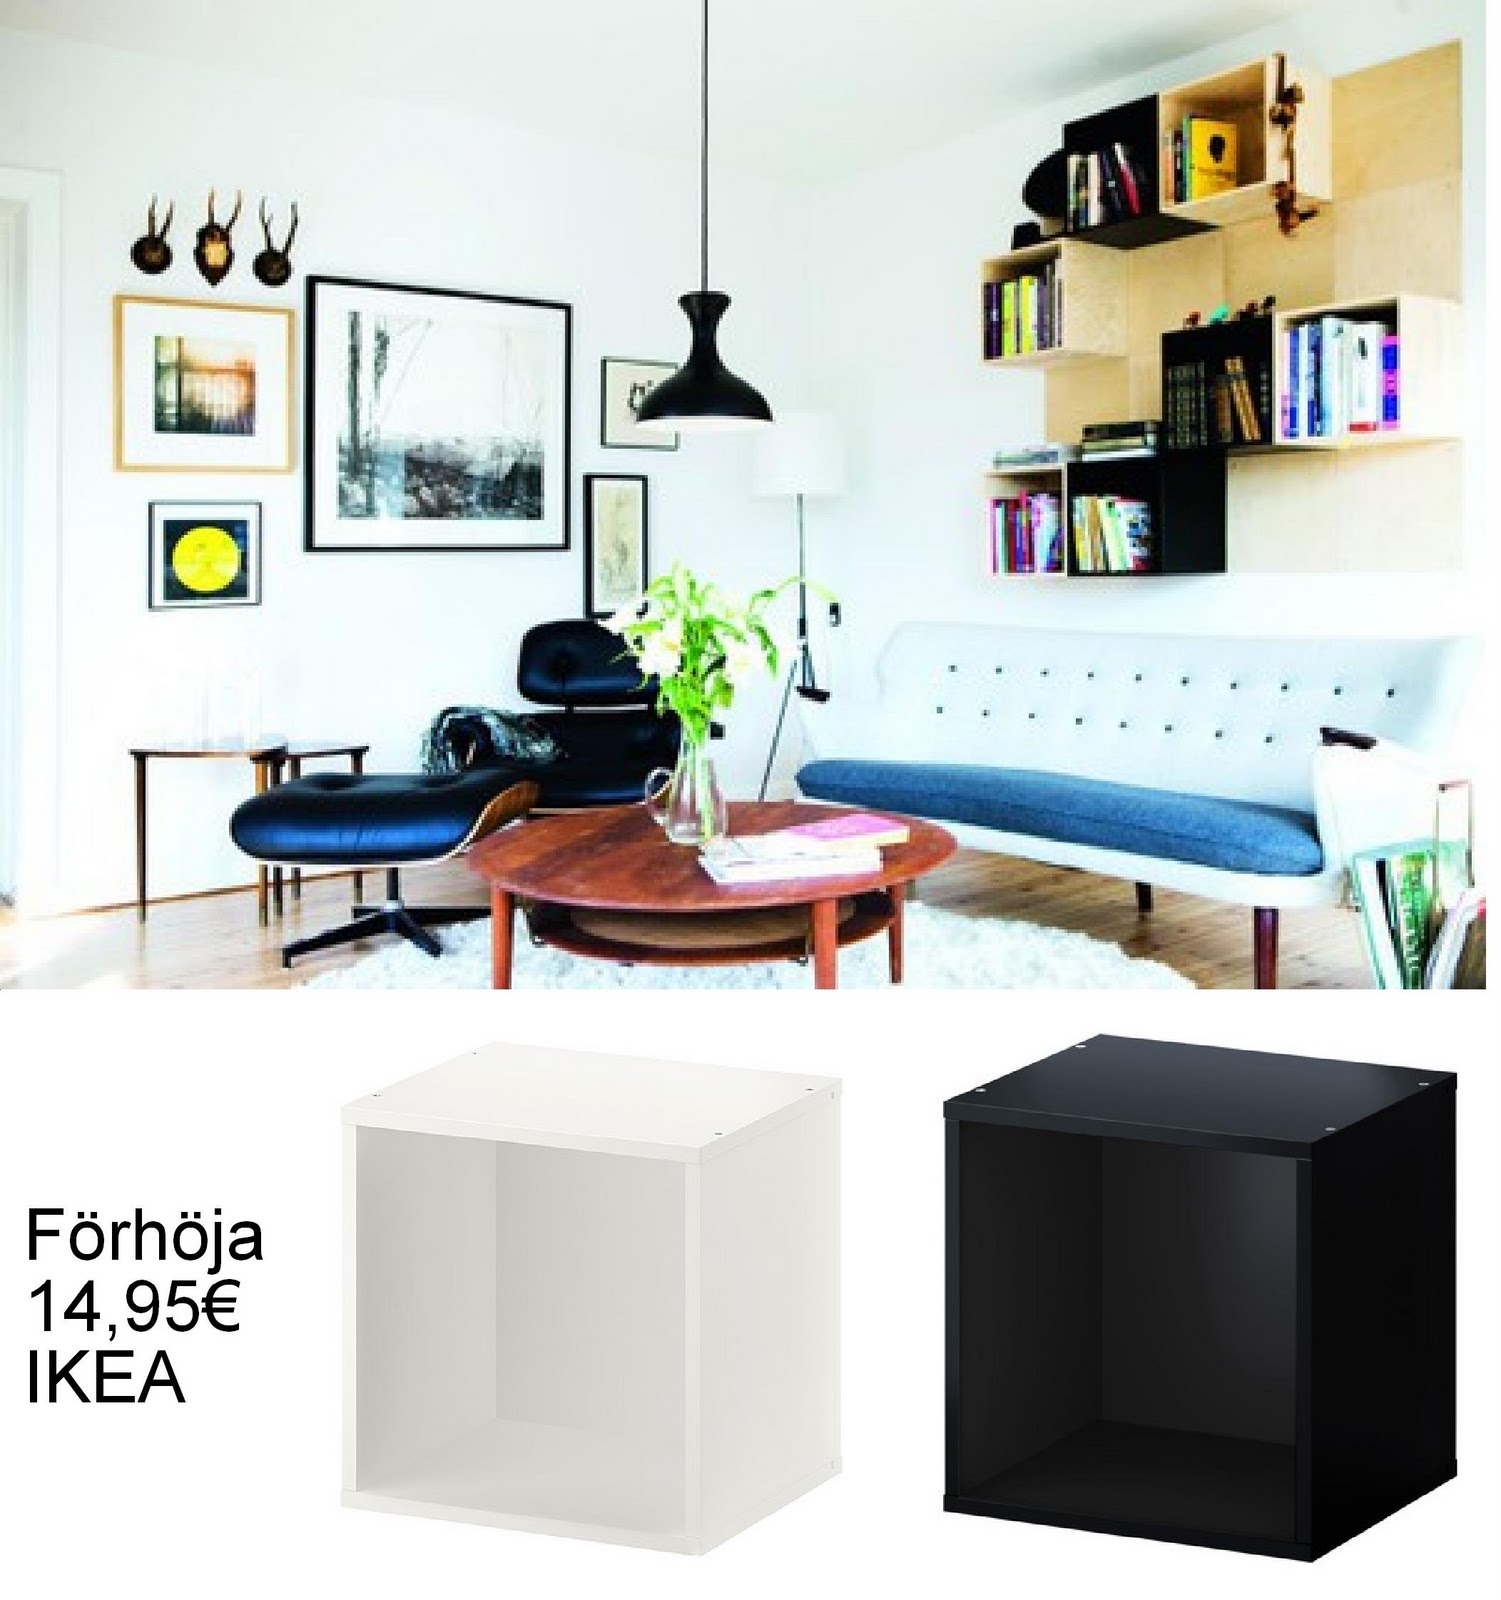 Ikea hack pared de cubos te atreves - Estanteria cubo ikea ...